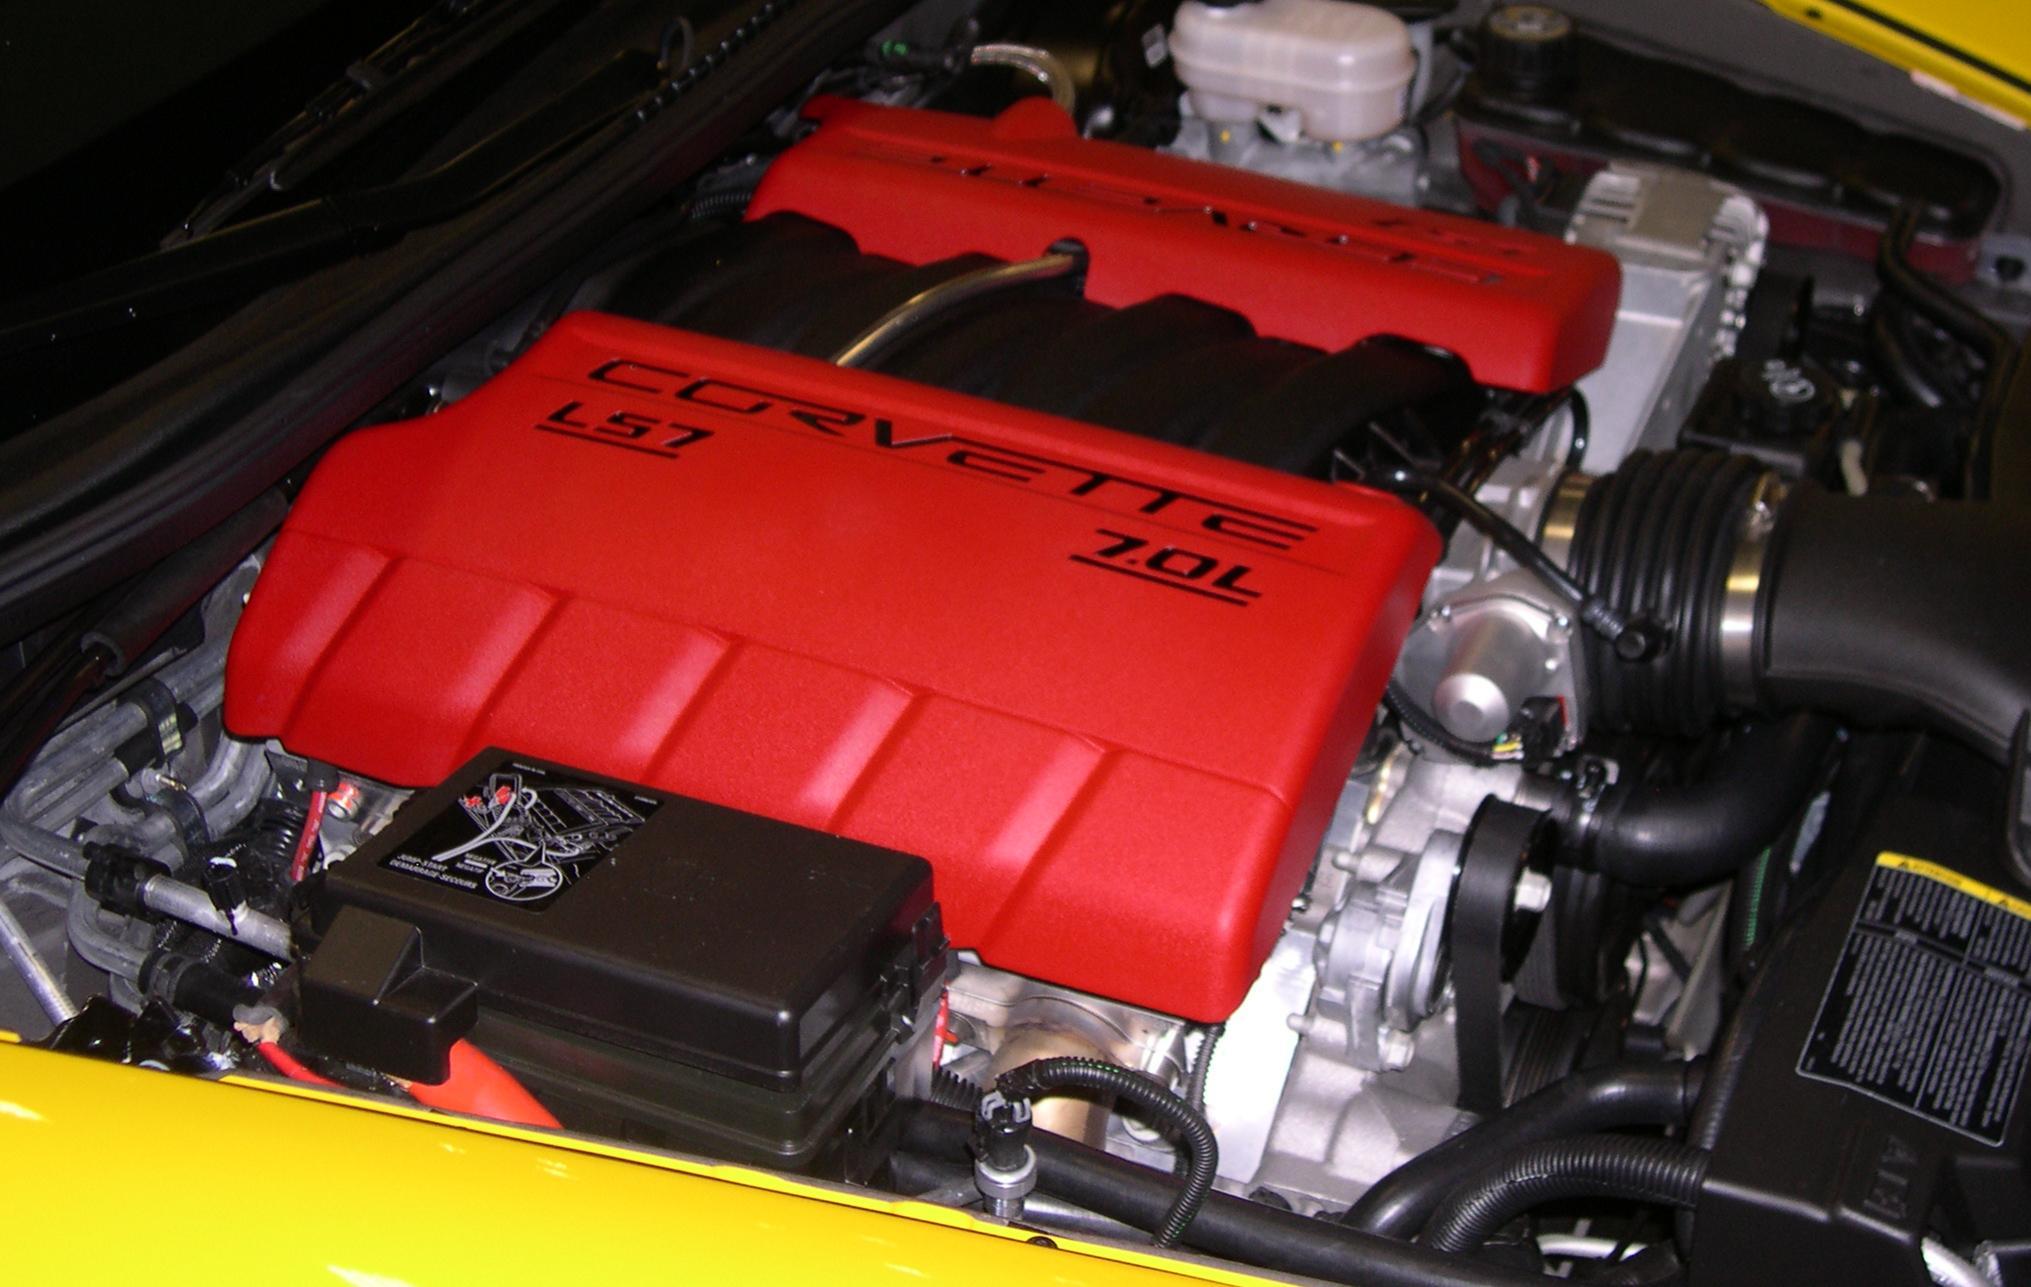 ZN_5167] Engine Also C5 Corvette Z06 Engine Besides C6 Corvette Wiring  Diagrams Wiring Diagram  Bocep Vira Phae Mohammedshrine Librar Wiring 101